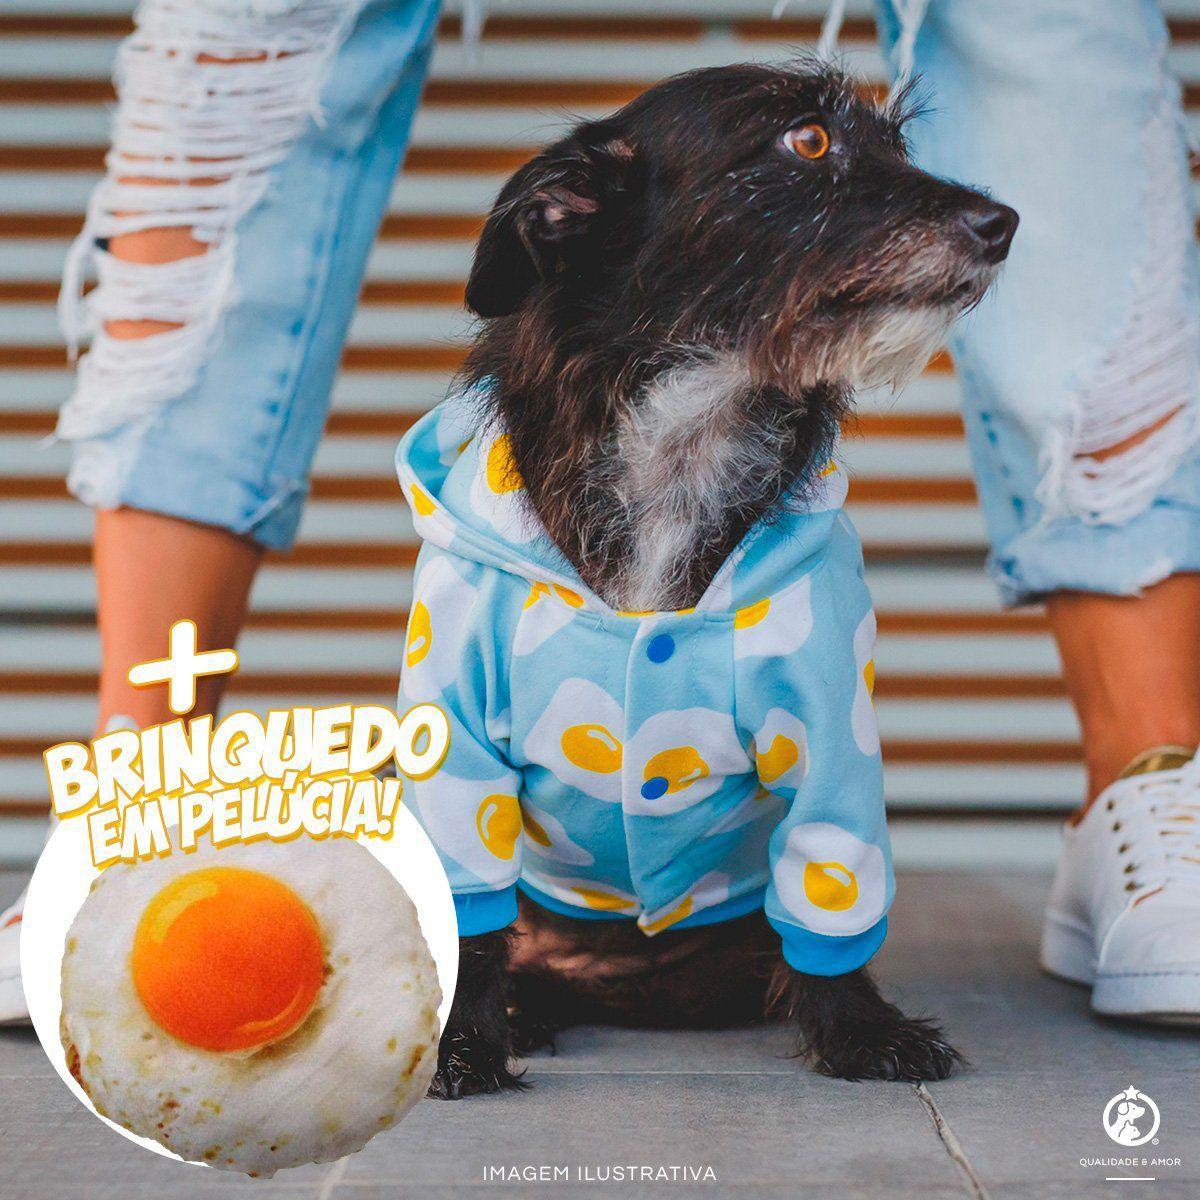 Kit Casaco Egg Santo Amigo + Pelúcia Ovo Frito